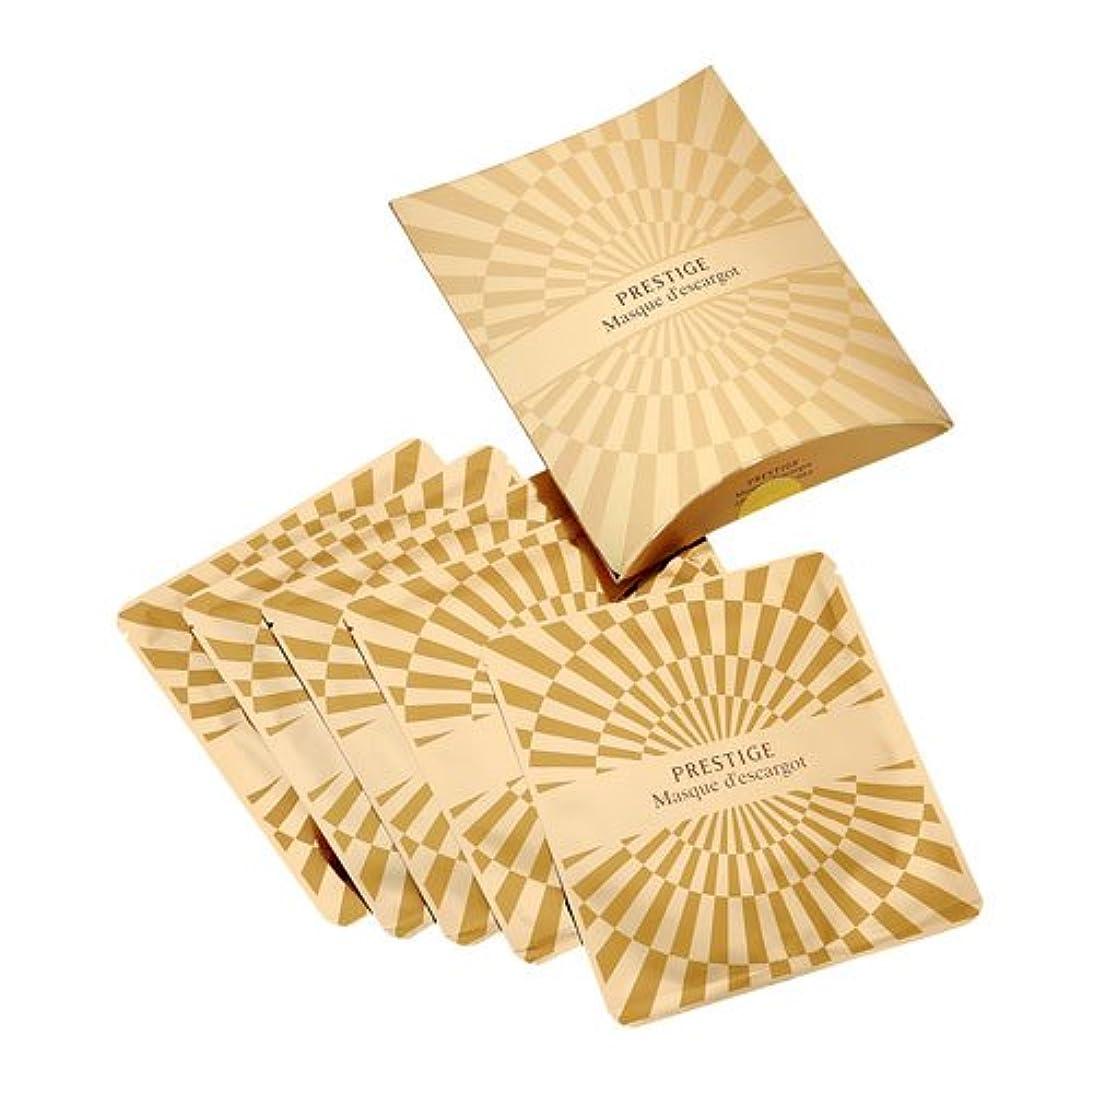 シュガー炭素耐えられないIt's skin(イッツスキン) かたつむり成分配合 プレステージ マスク エスカルゴ しわ改善 25g×5